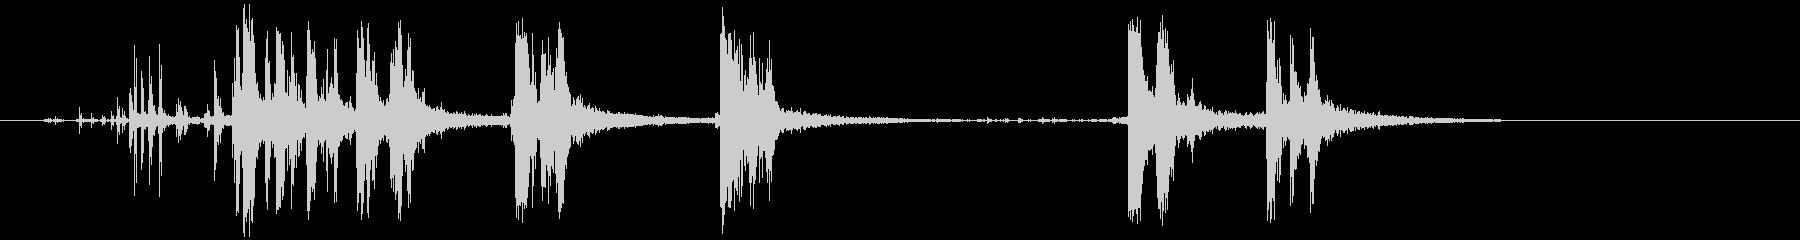 テープを伸ばす(ビィヨヨッ)の未再生の波形